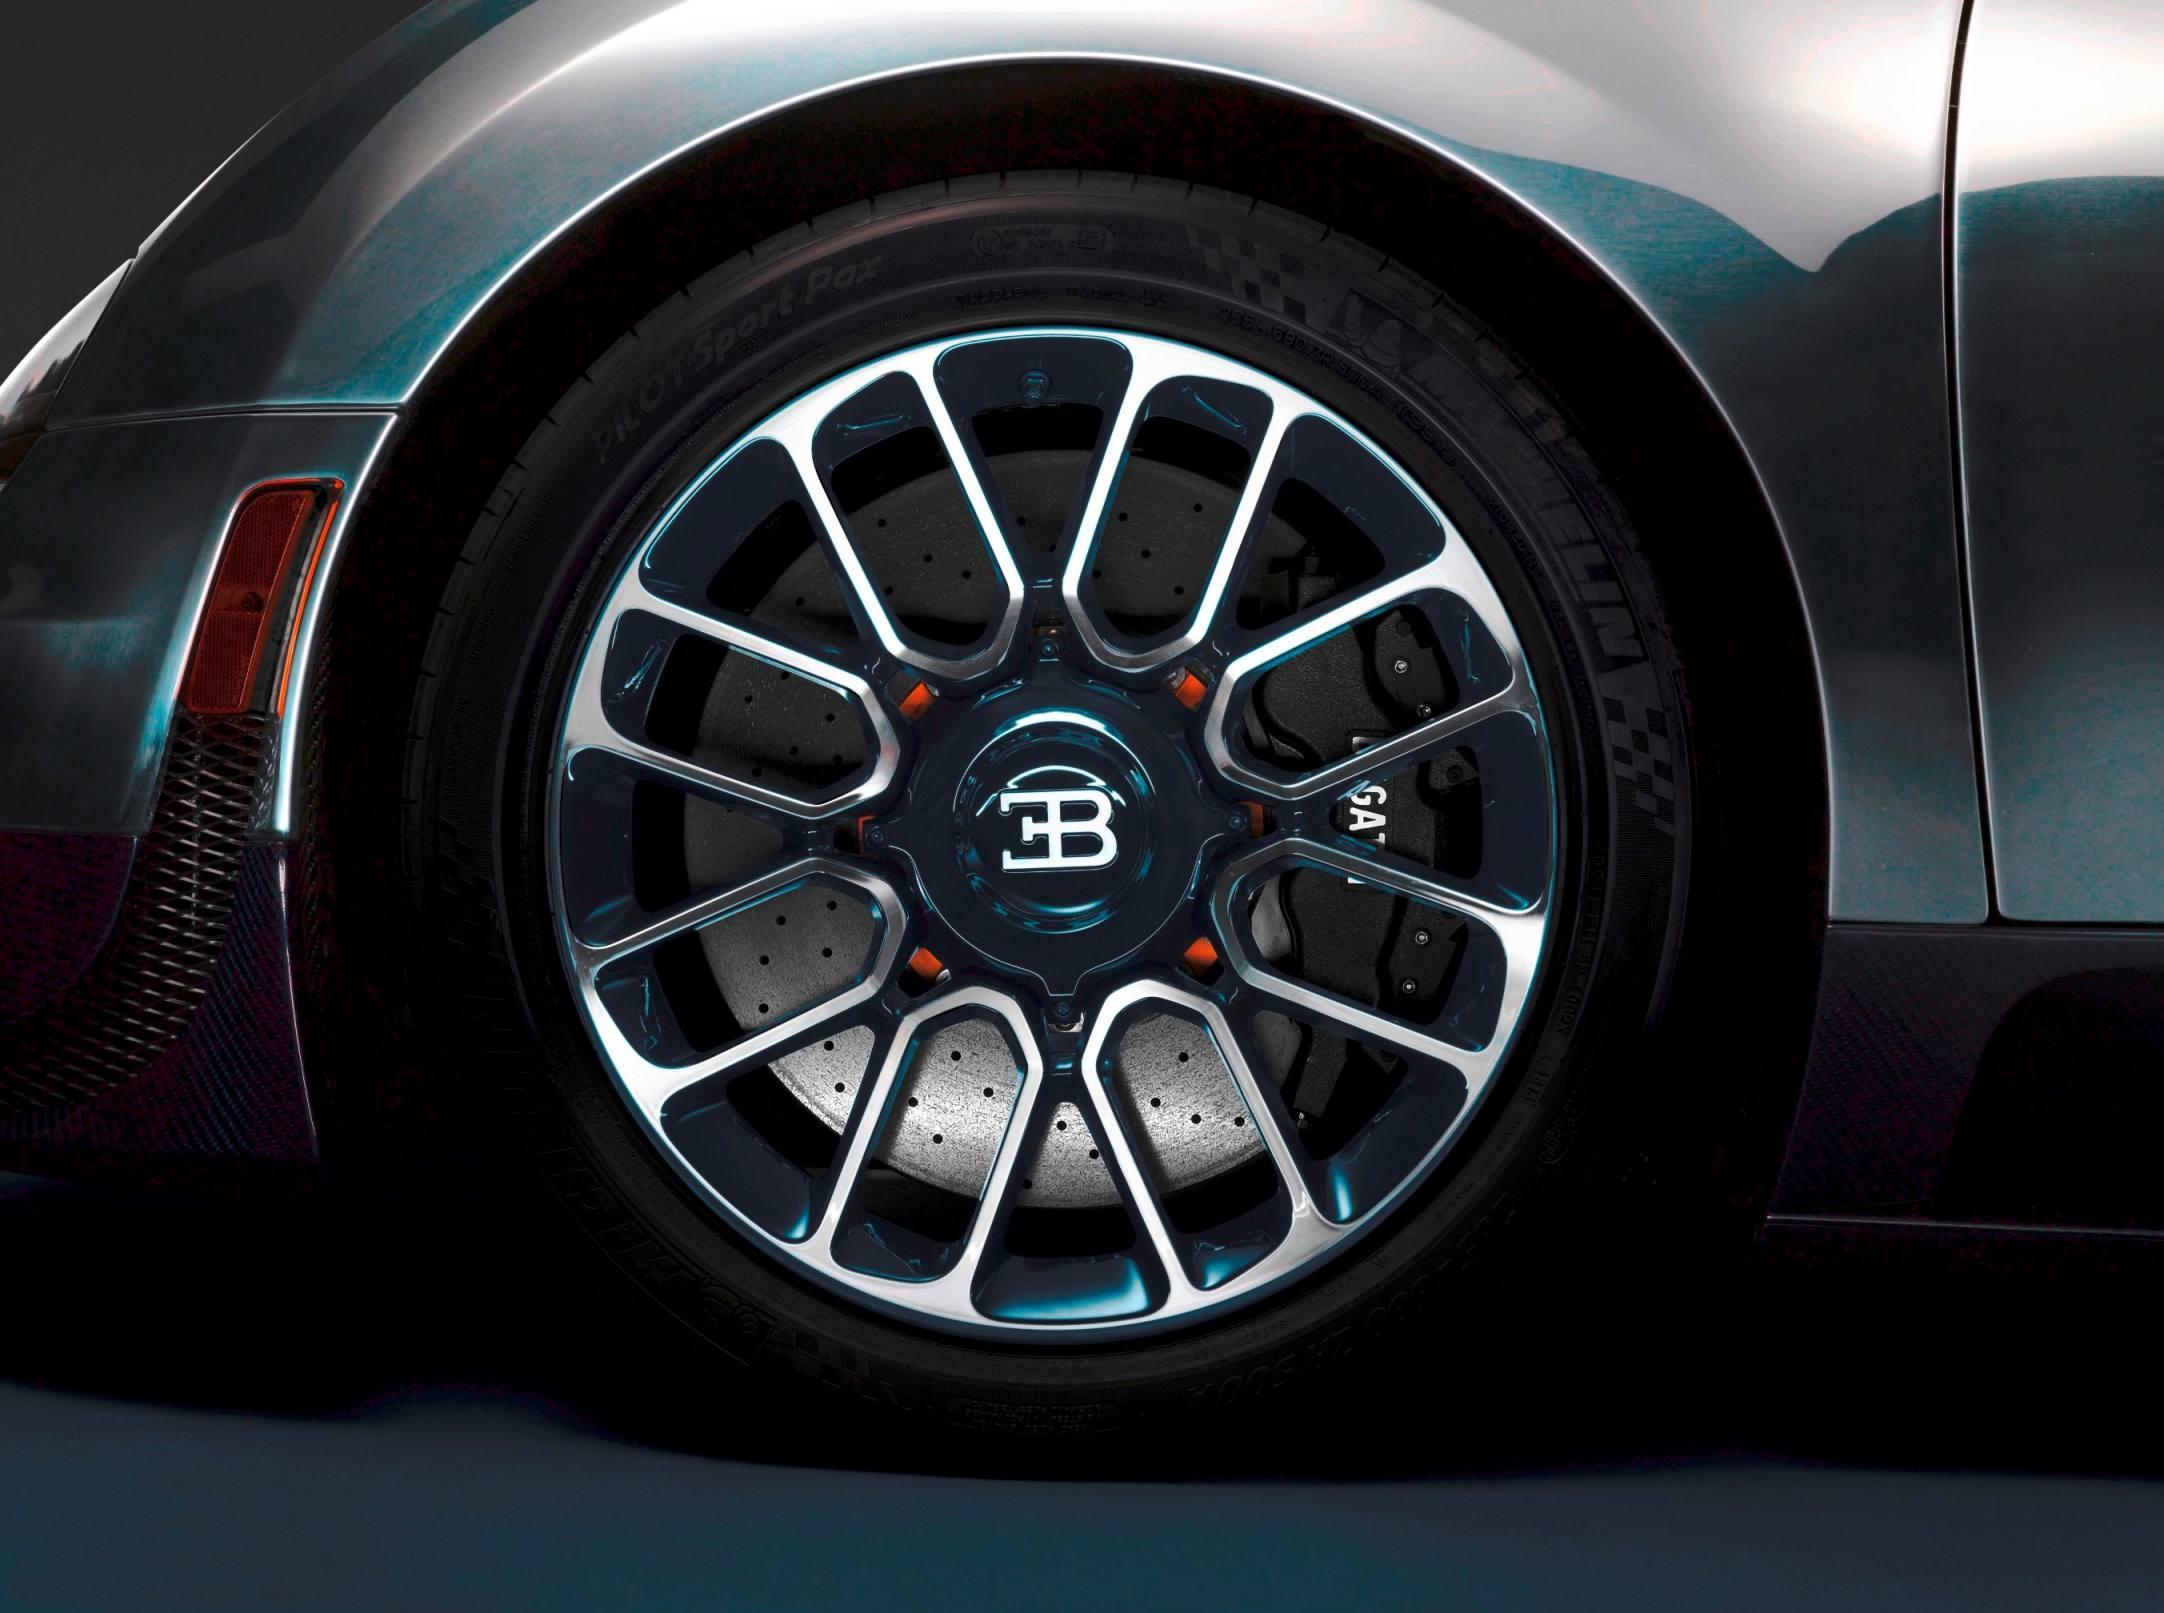 006_Legend_Ettore_Bugatti_Wheel